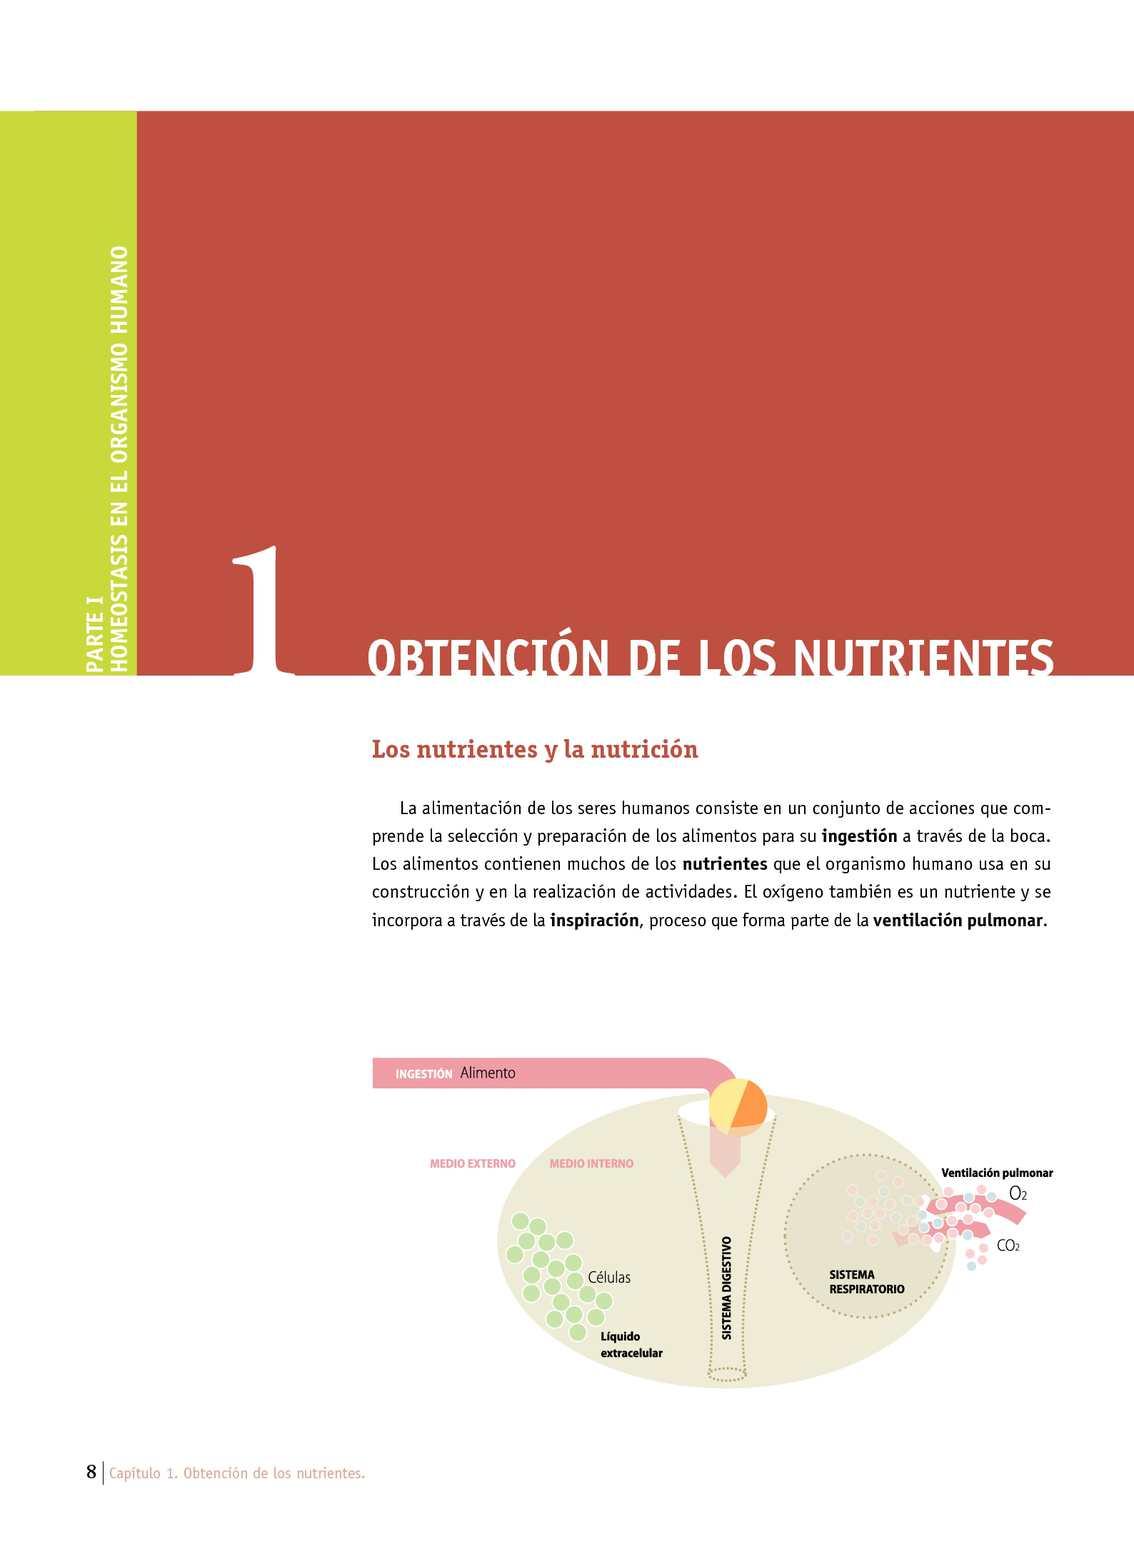 Calaméo - Obtención de los nutrientes